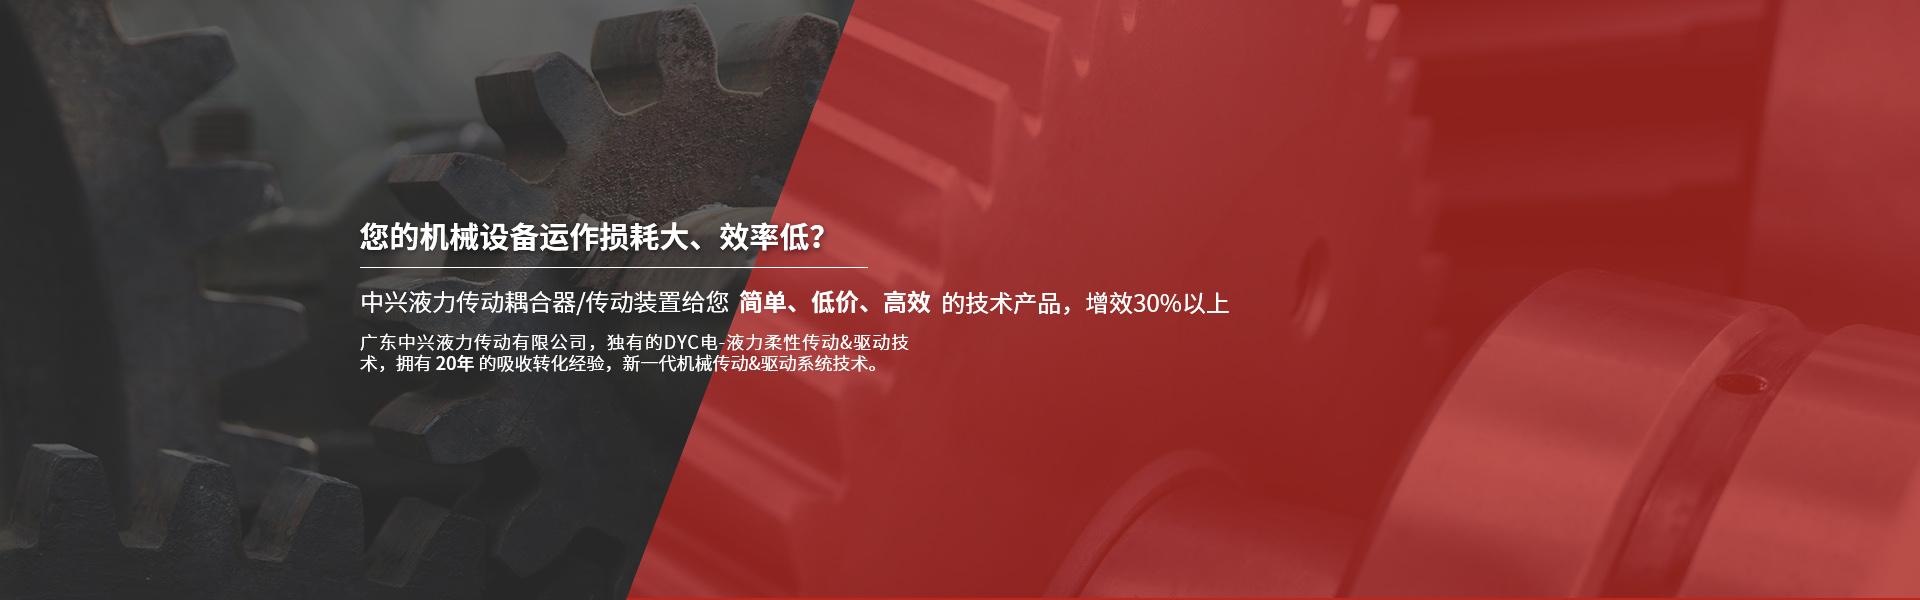 银河wangzhan登录液力传dongou合器装置-给您的技术chan品增效30%